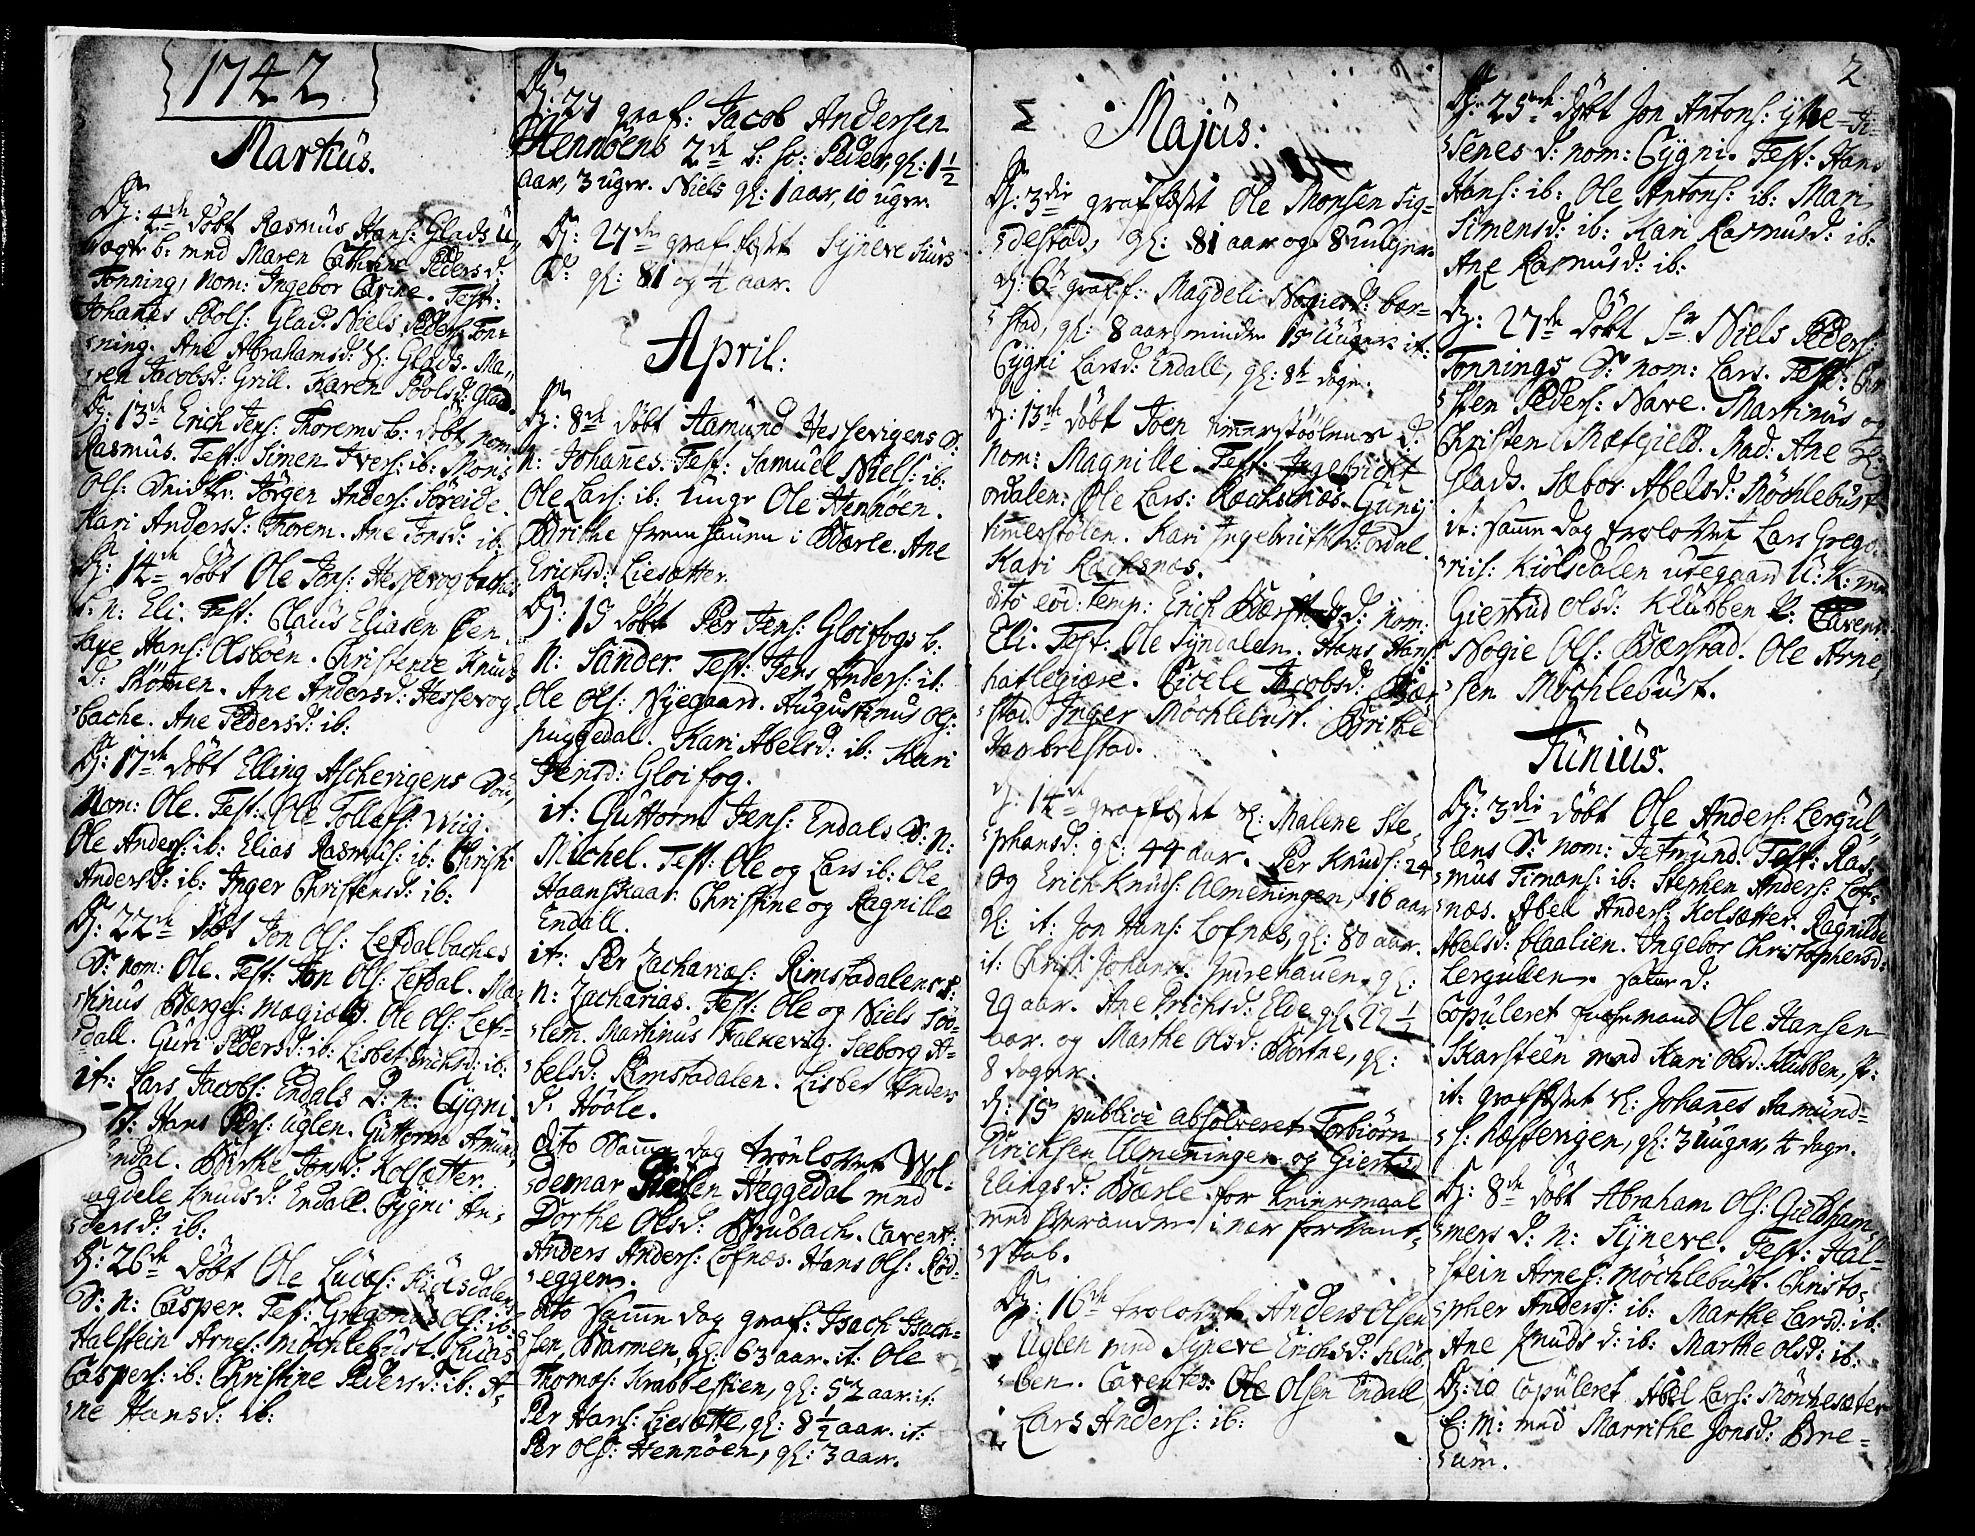 SAB, Davik Sokneprestembete, Ministerialbok nr. A 2, 1742-1816, s. 2